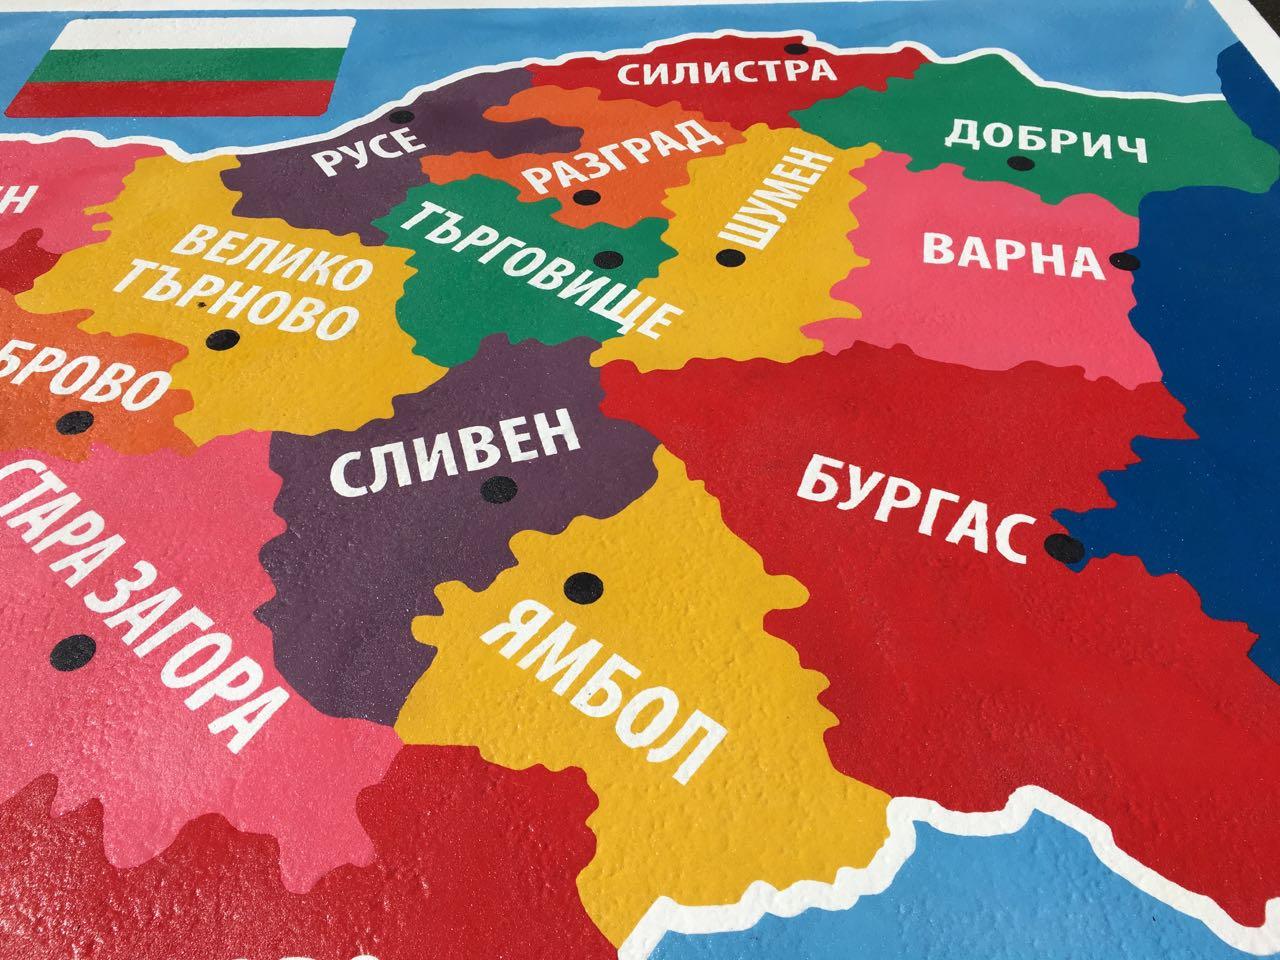 С игри запознават бургаските деца с картата на България, слънчевата система и правилата за движение